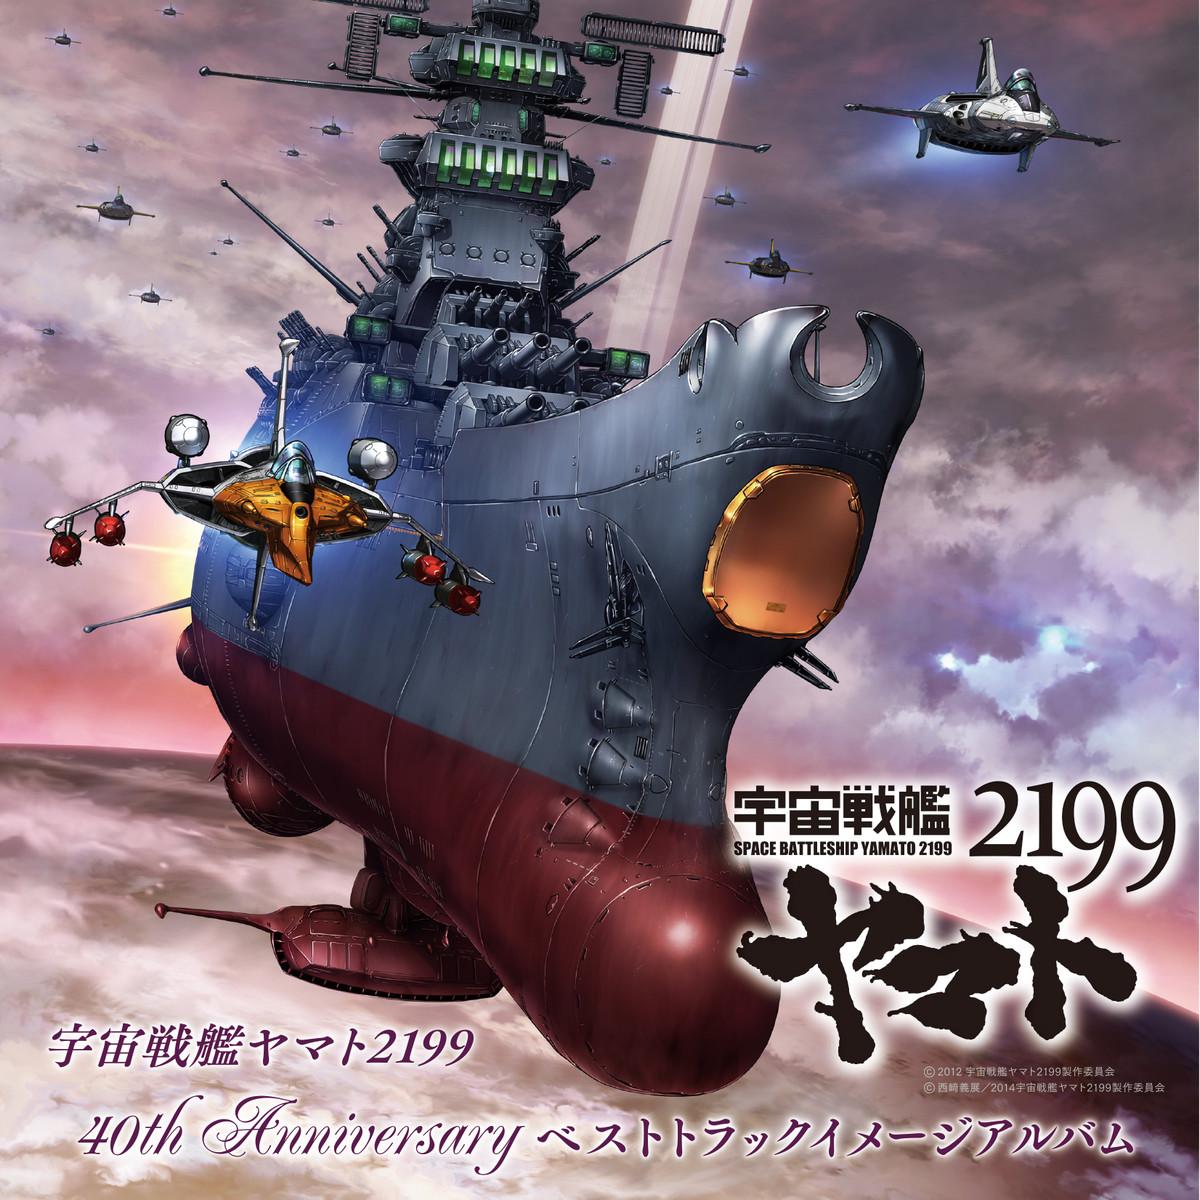 Космический линкор Ямато 2199: Звёздный ковчег, постер № 2